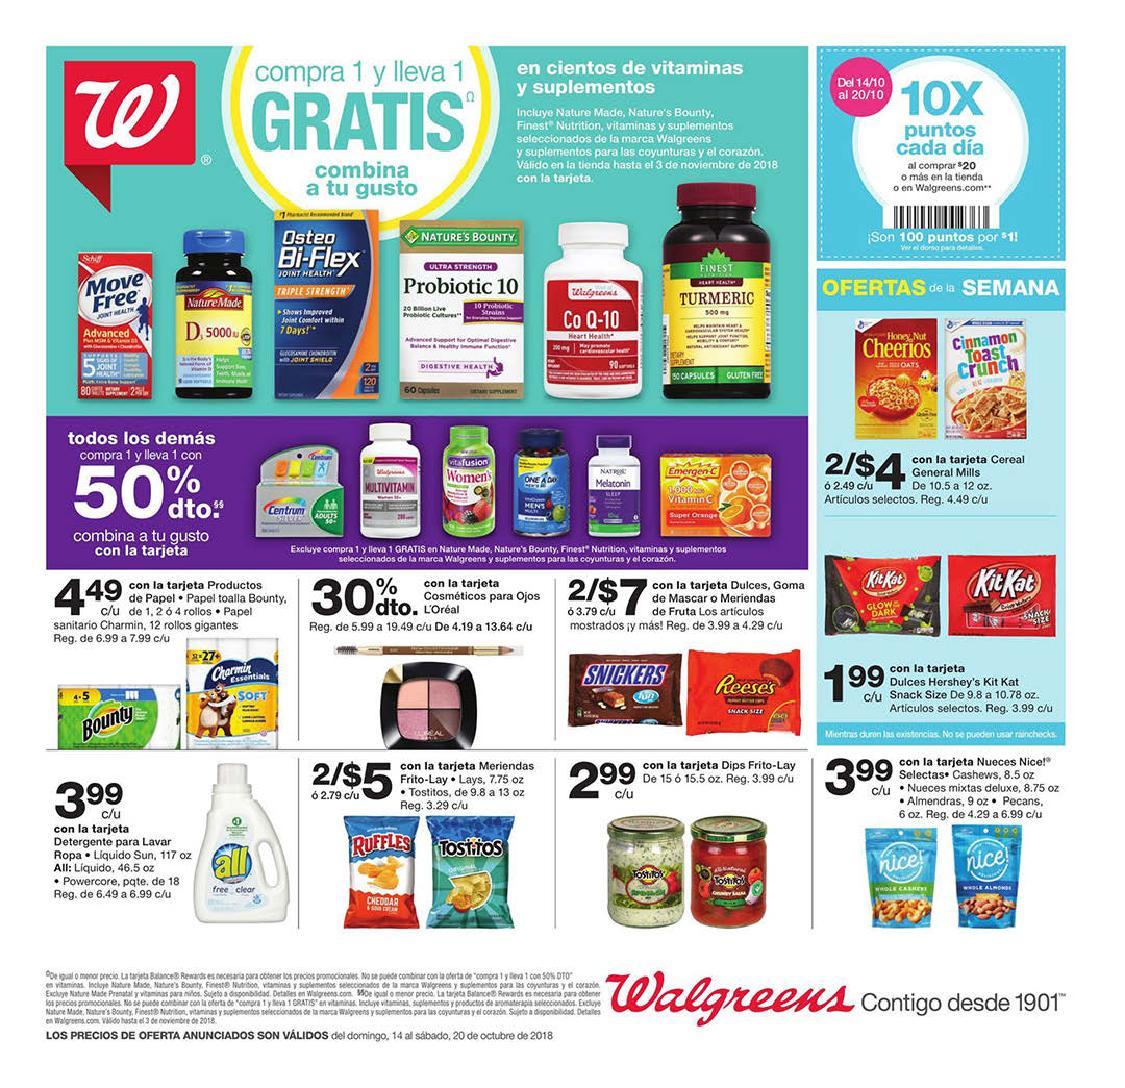 Shopper de Walgreens 14 de Octubre al 20 de Octubre de 2018